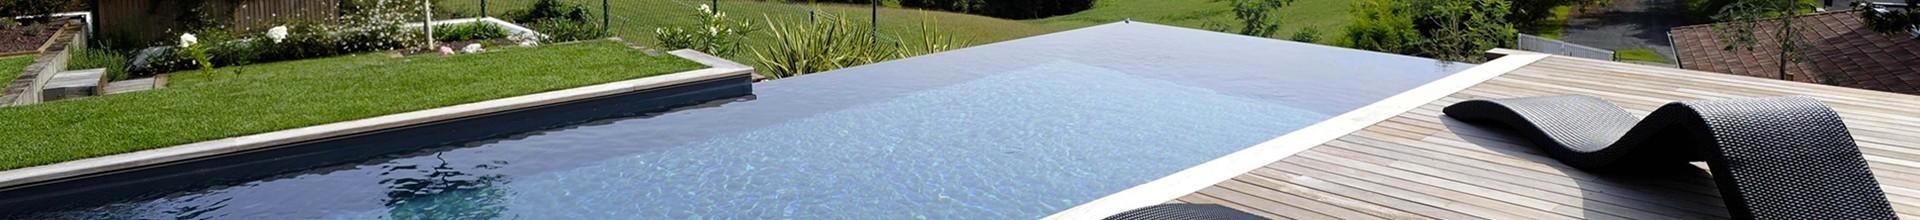 Luxembourg conception conteneur piscine coque sur mesure Wiltz